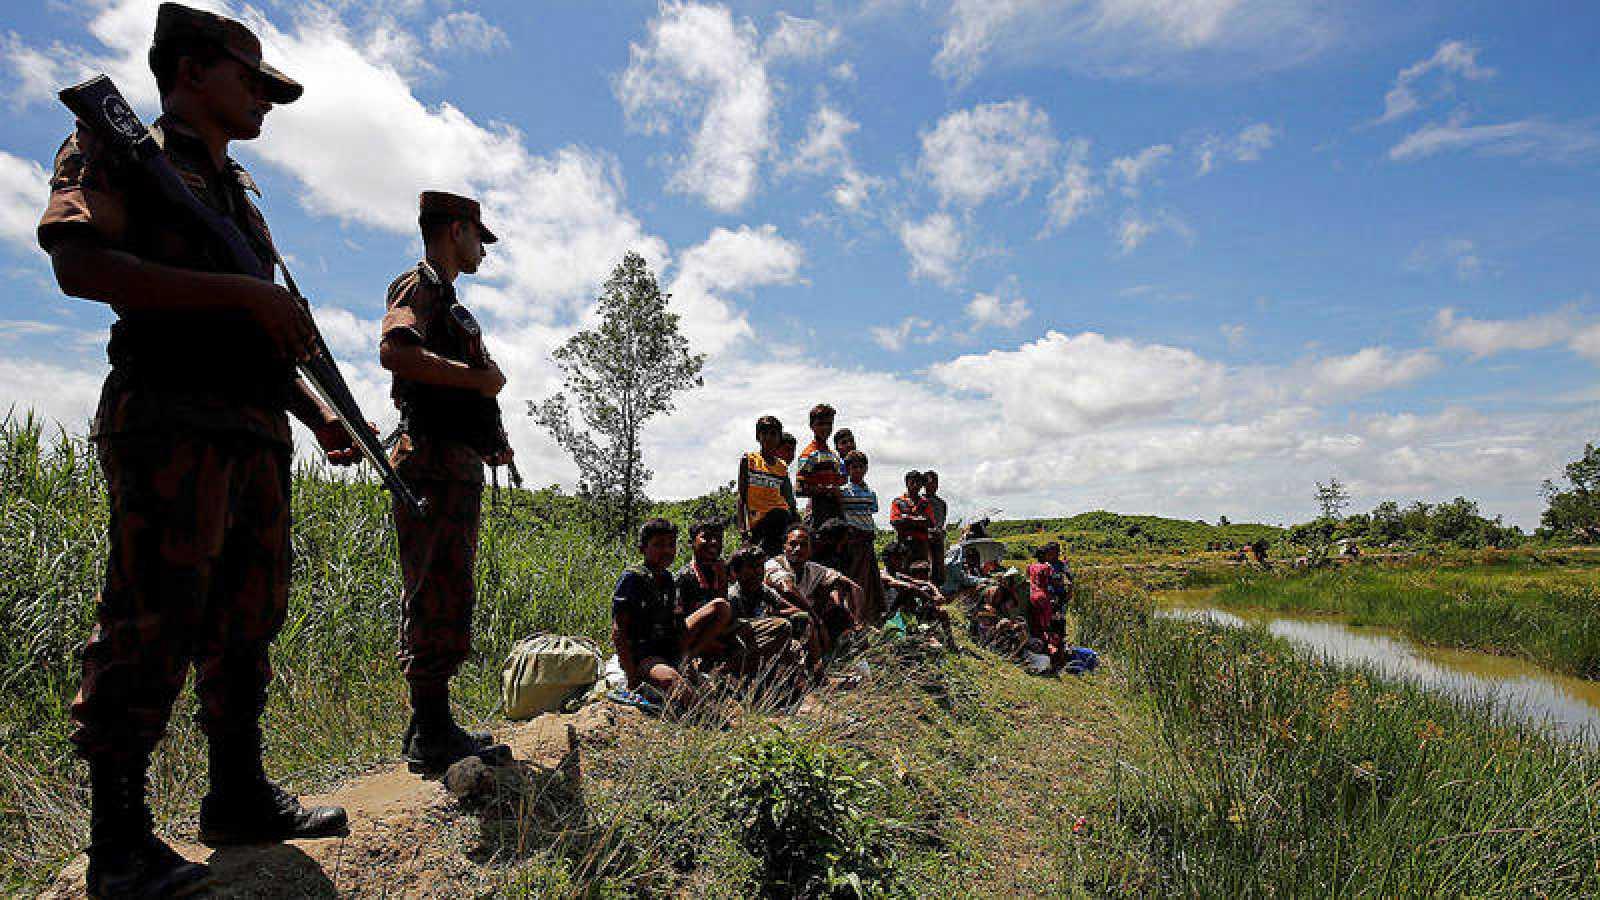 Miembros de la Guardia Fronteriza de Bangladesh impiden entrar en el país a un grupo de refugiados rohinyá que huyen de Birmania